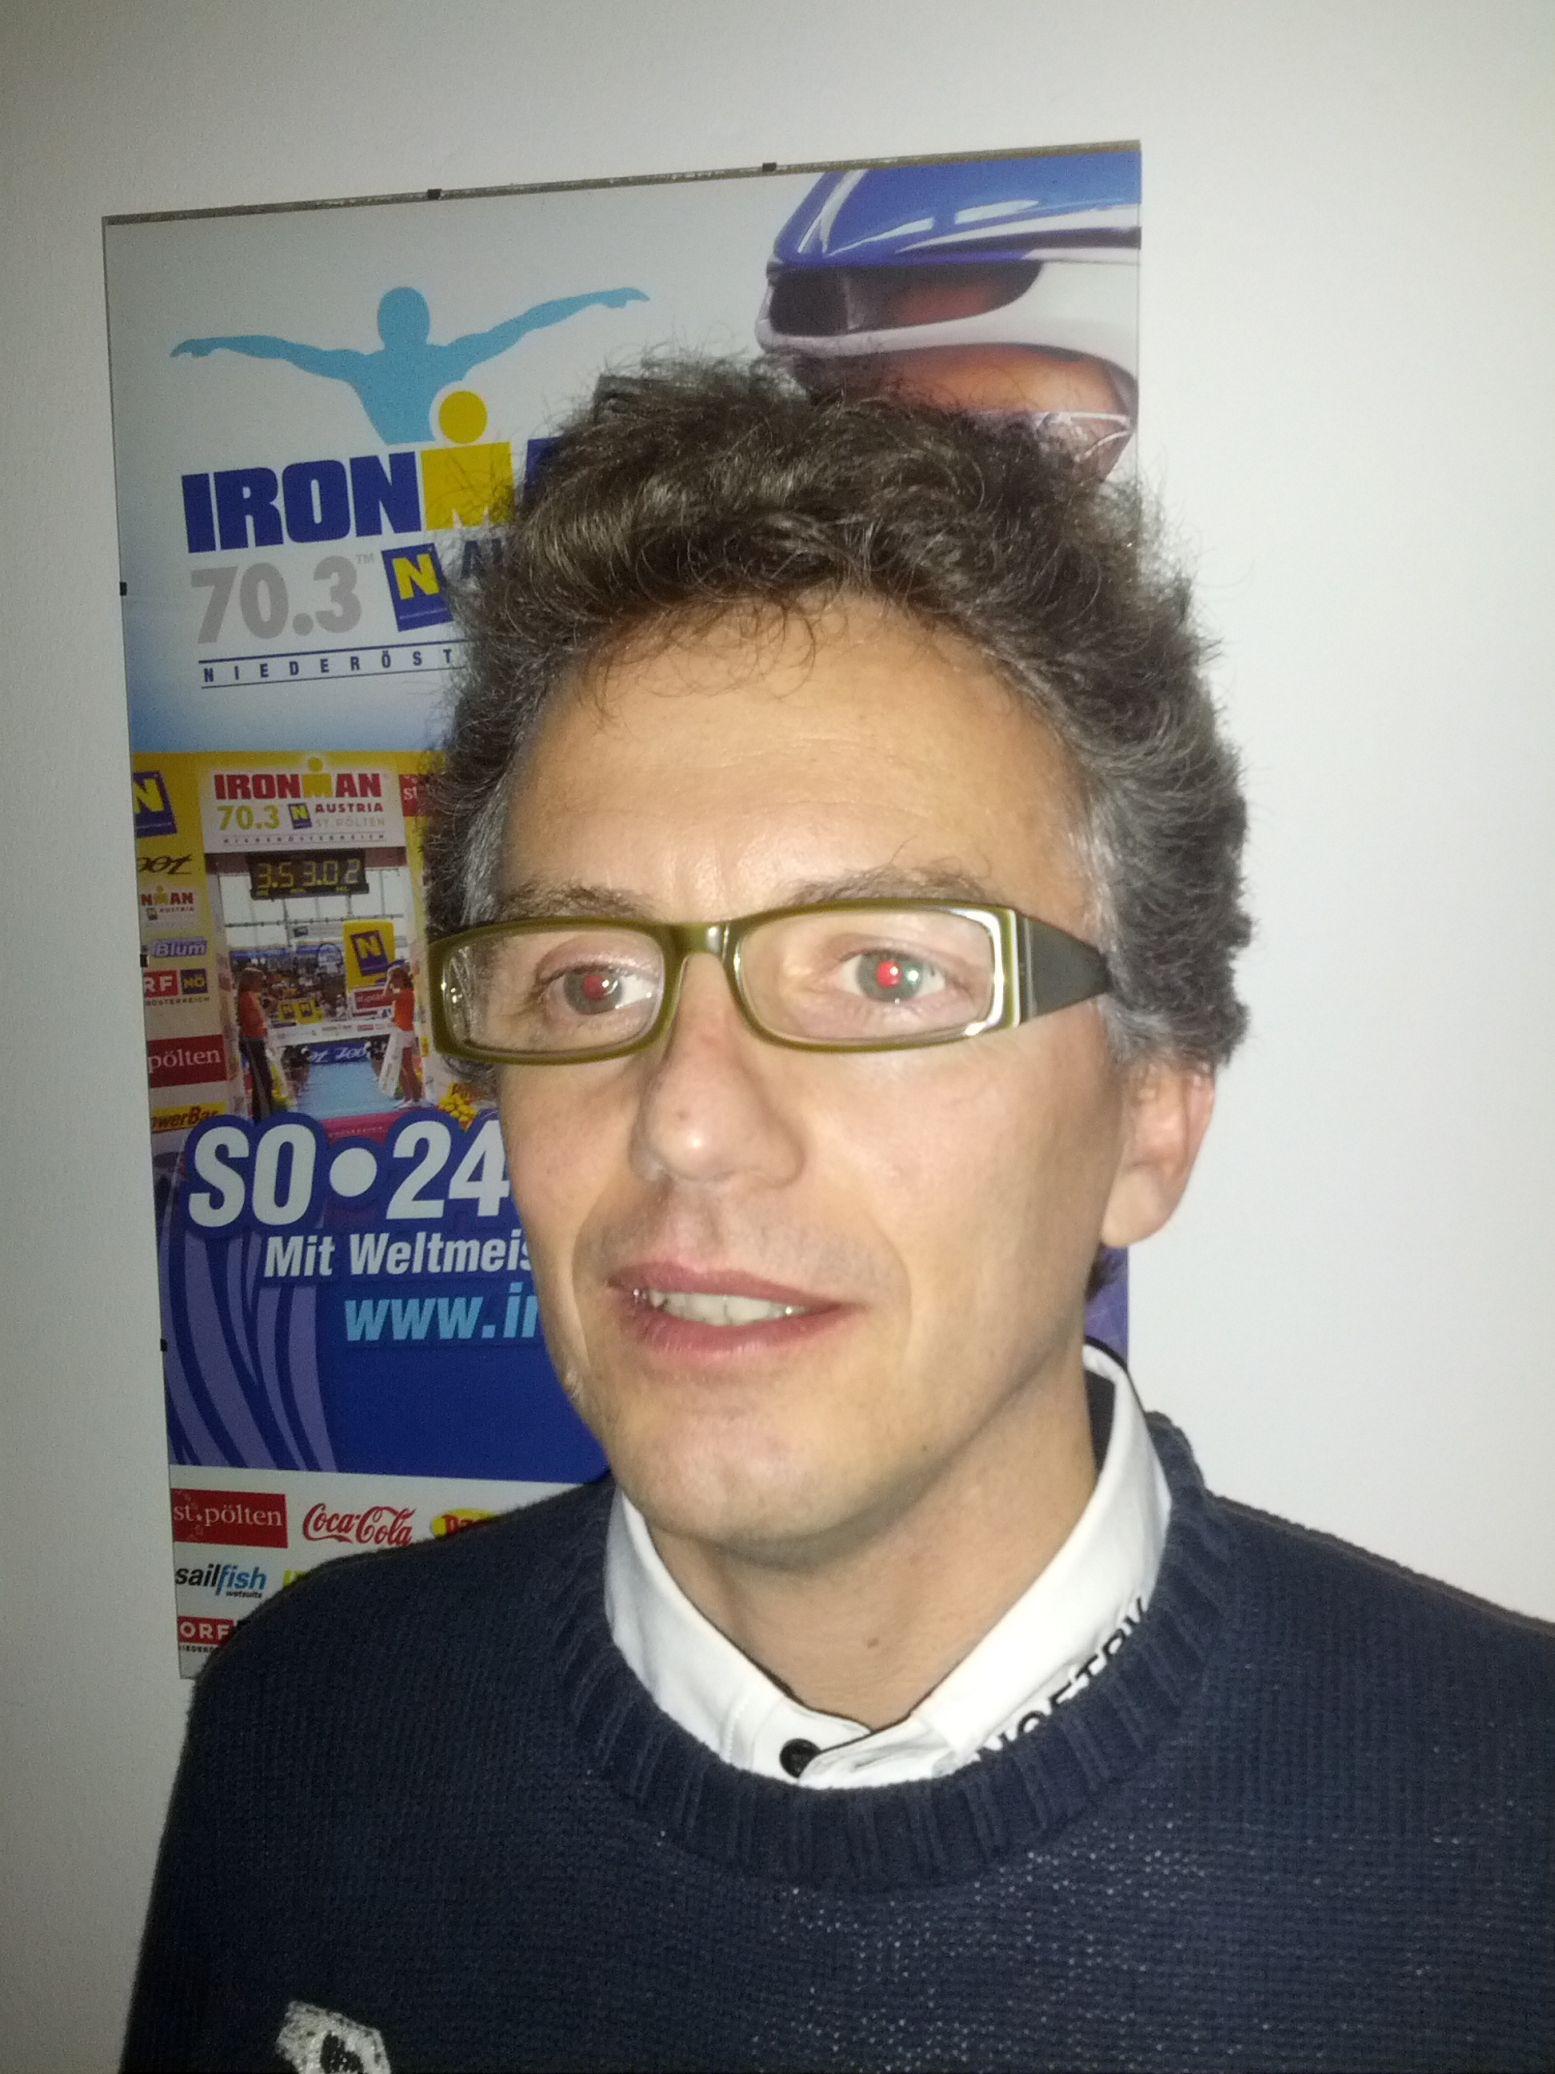 Jürgen Gleiss